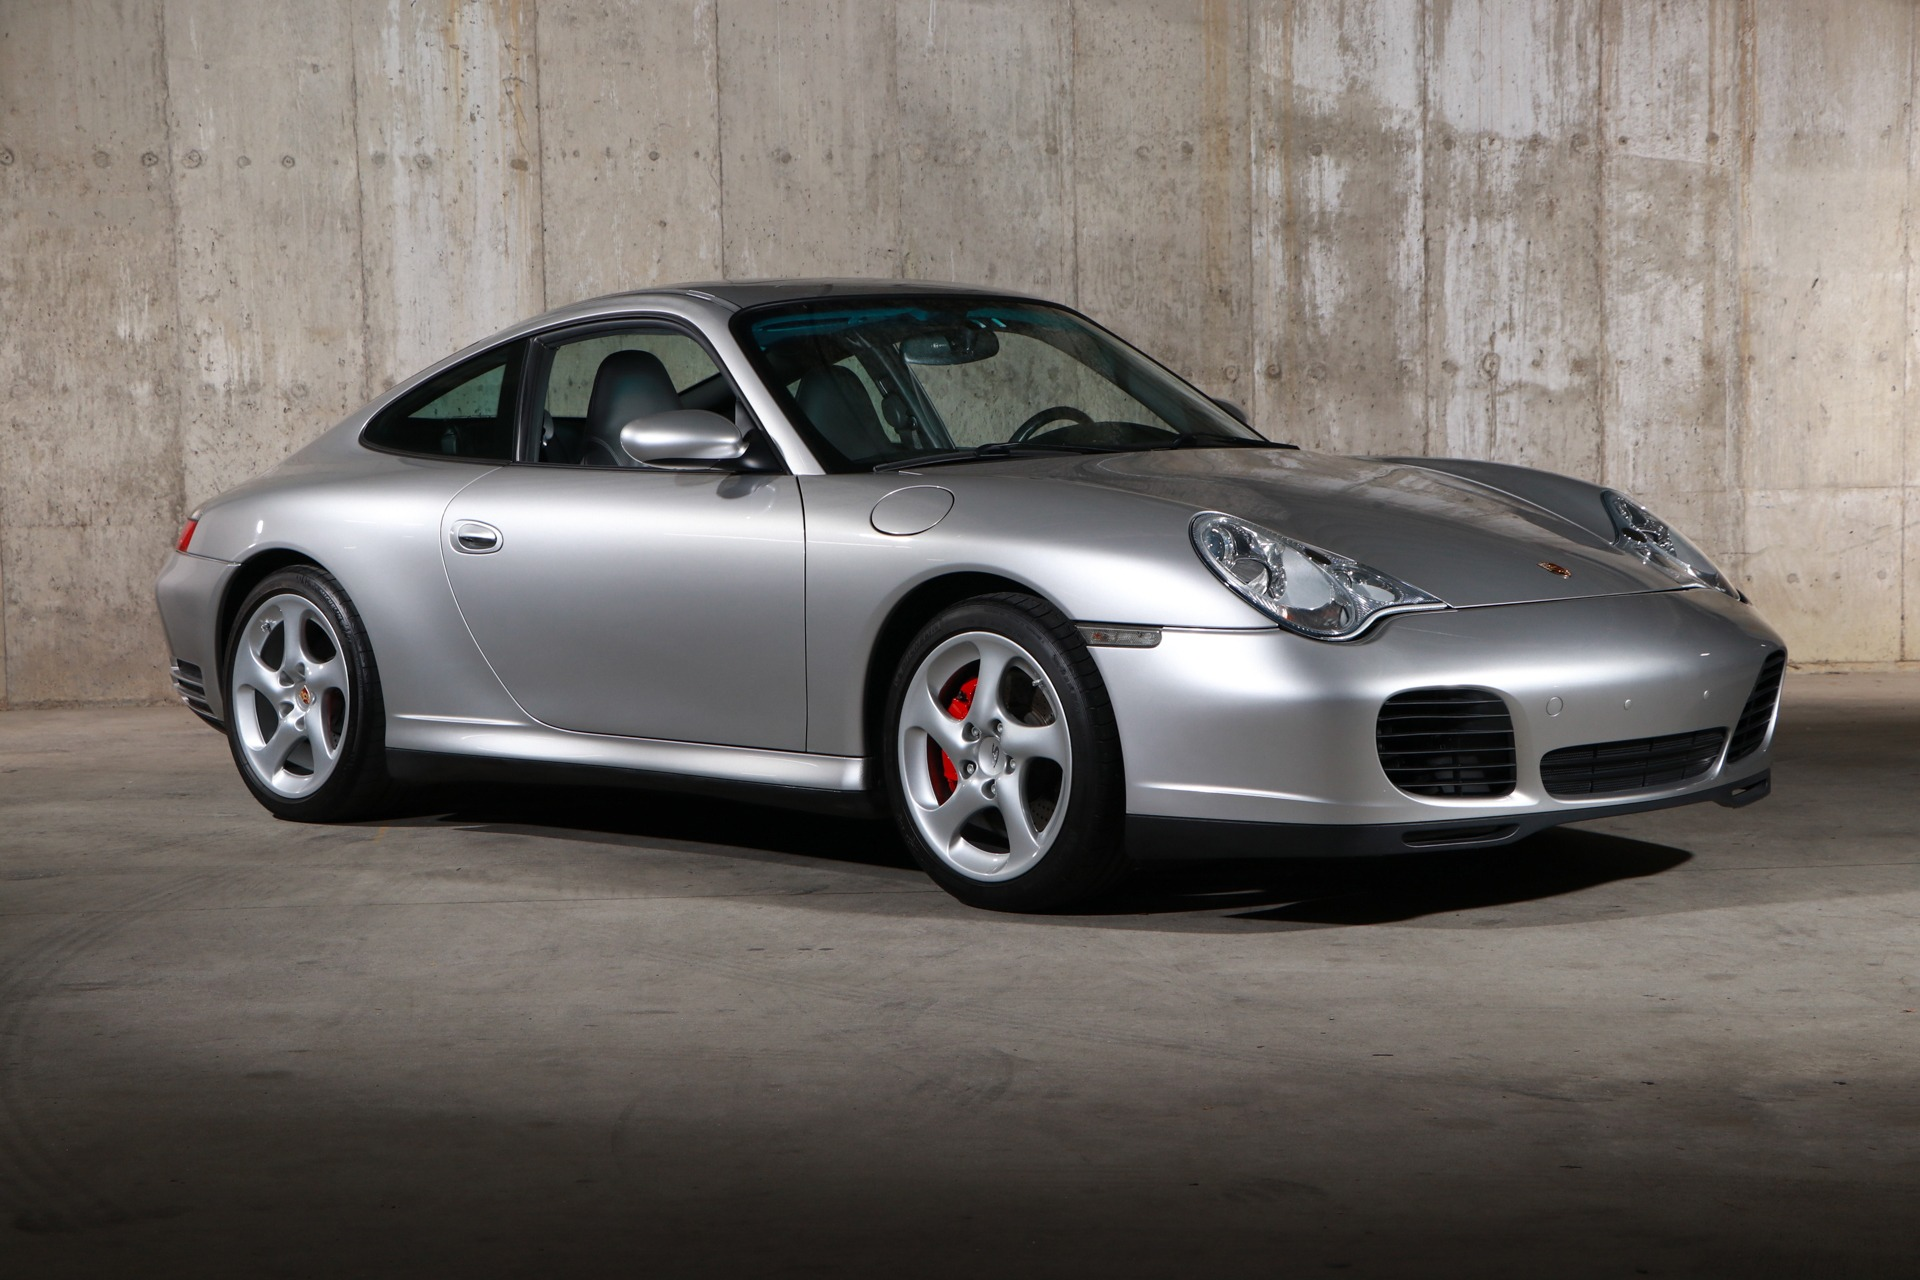 Used 2002 Porsche 911 Carrera 4S | Glen Cove, NY